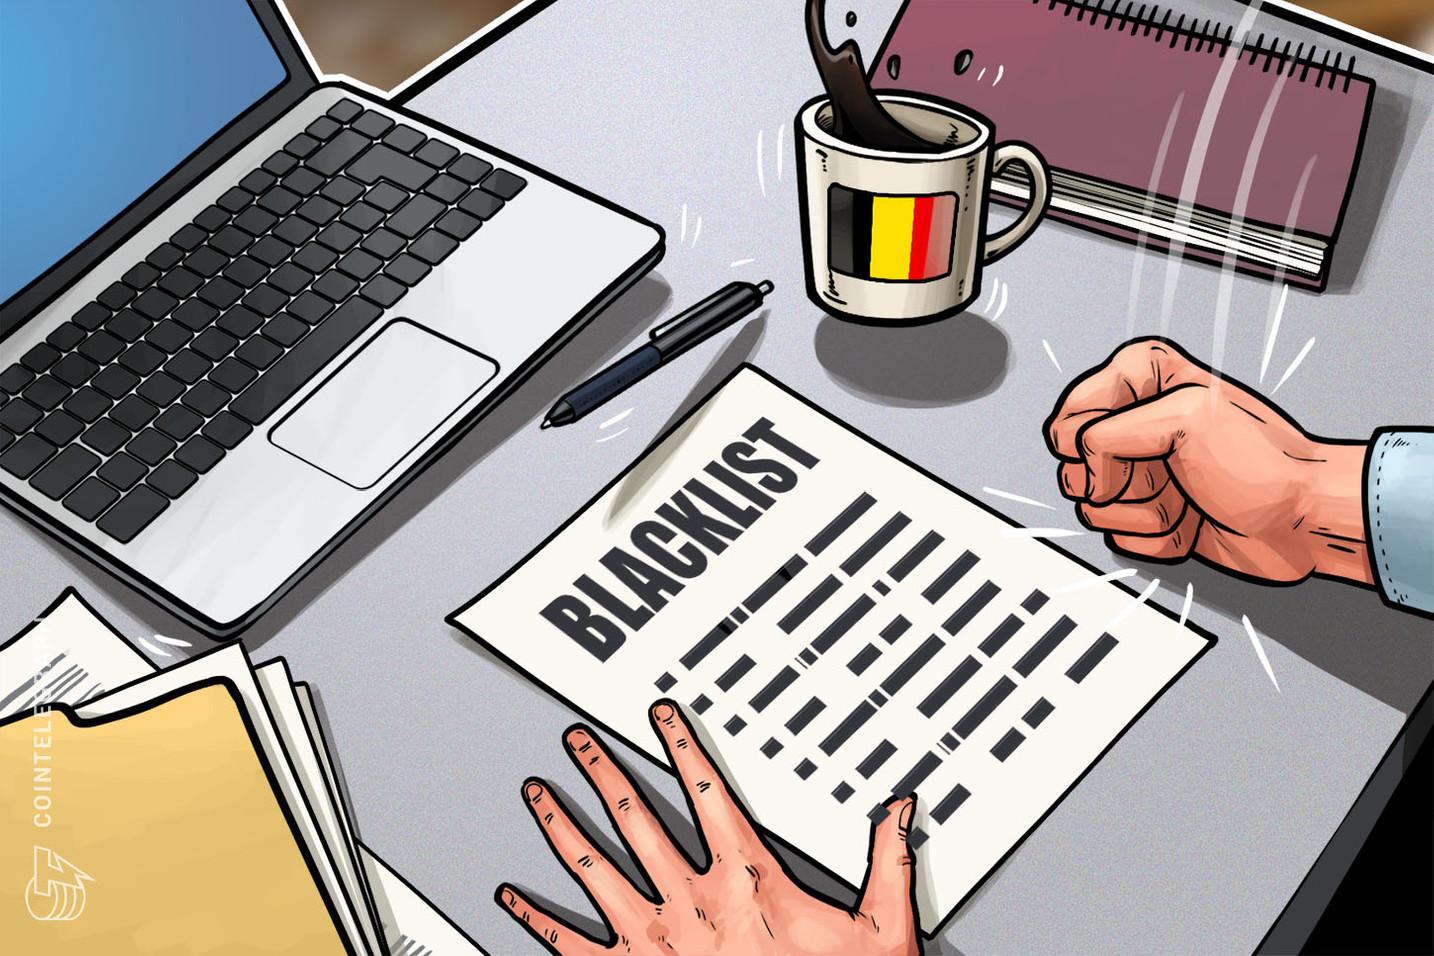 Belgian Regulator Blacklists Another 9 Crypto Websites Suspected of Fraud